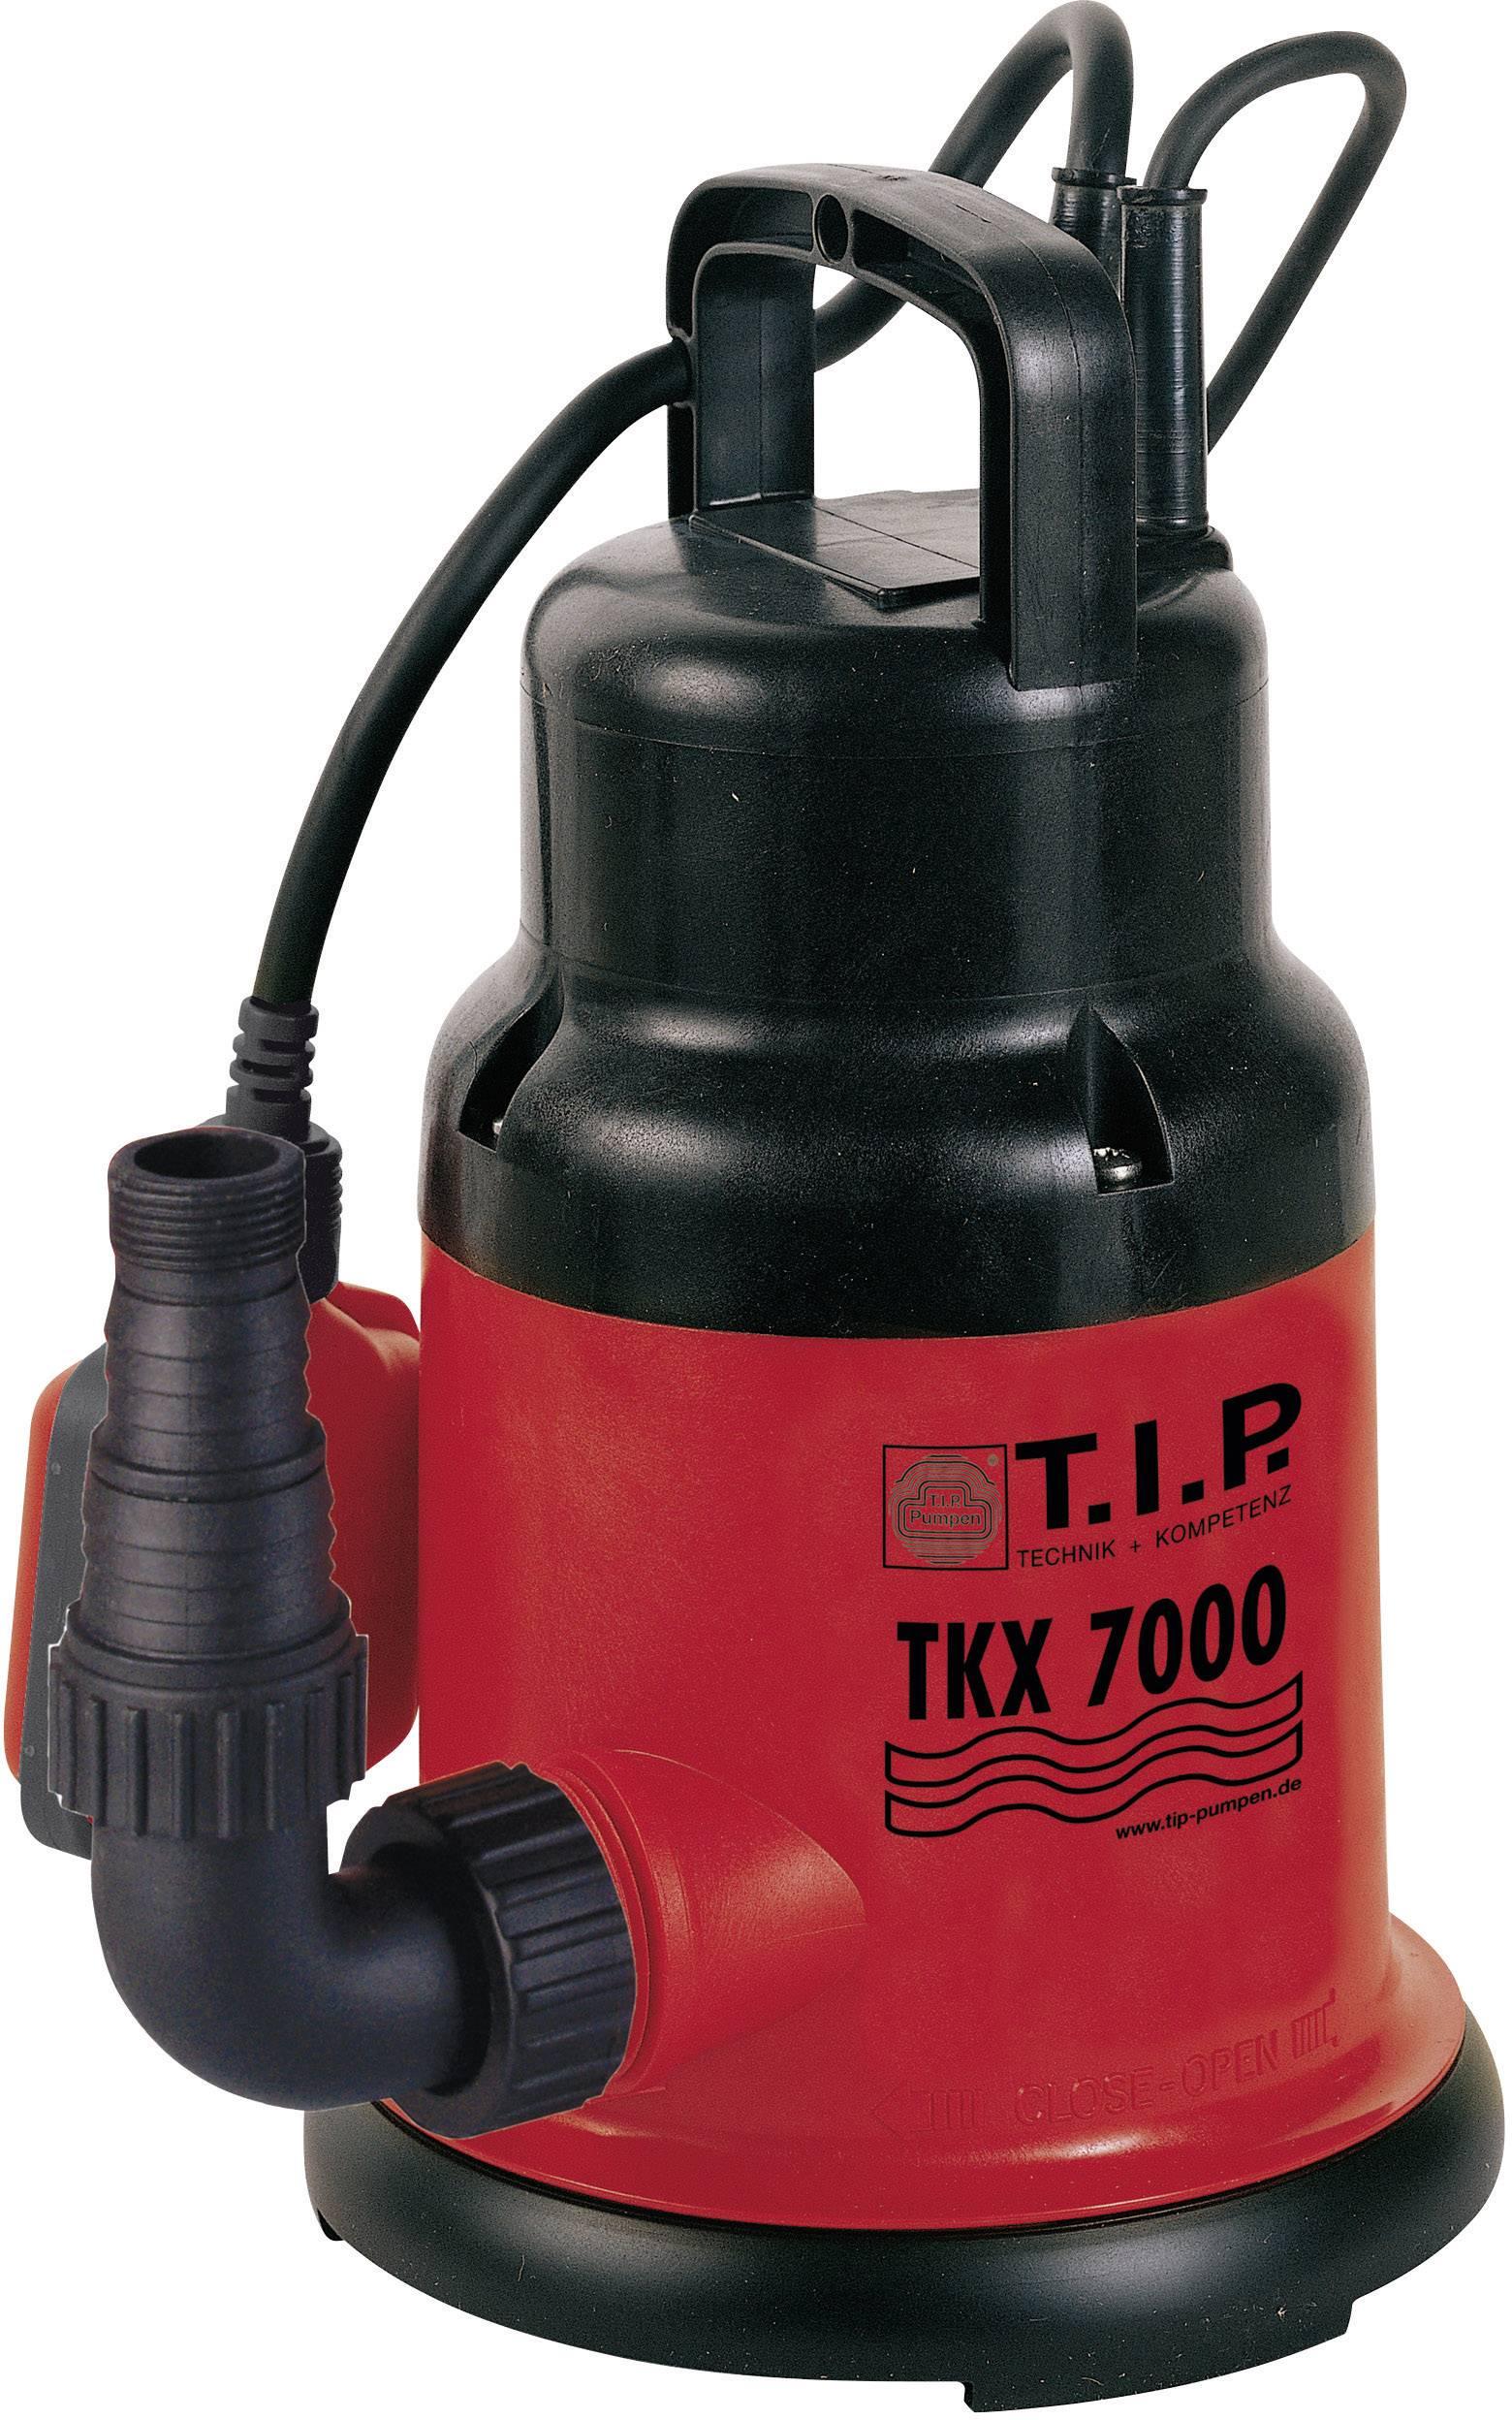 Ponorné čerpadlo na čistou vodu TKX 7000 TIP Pumpen, 30267, 300 W